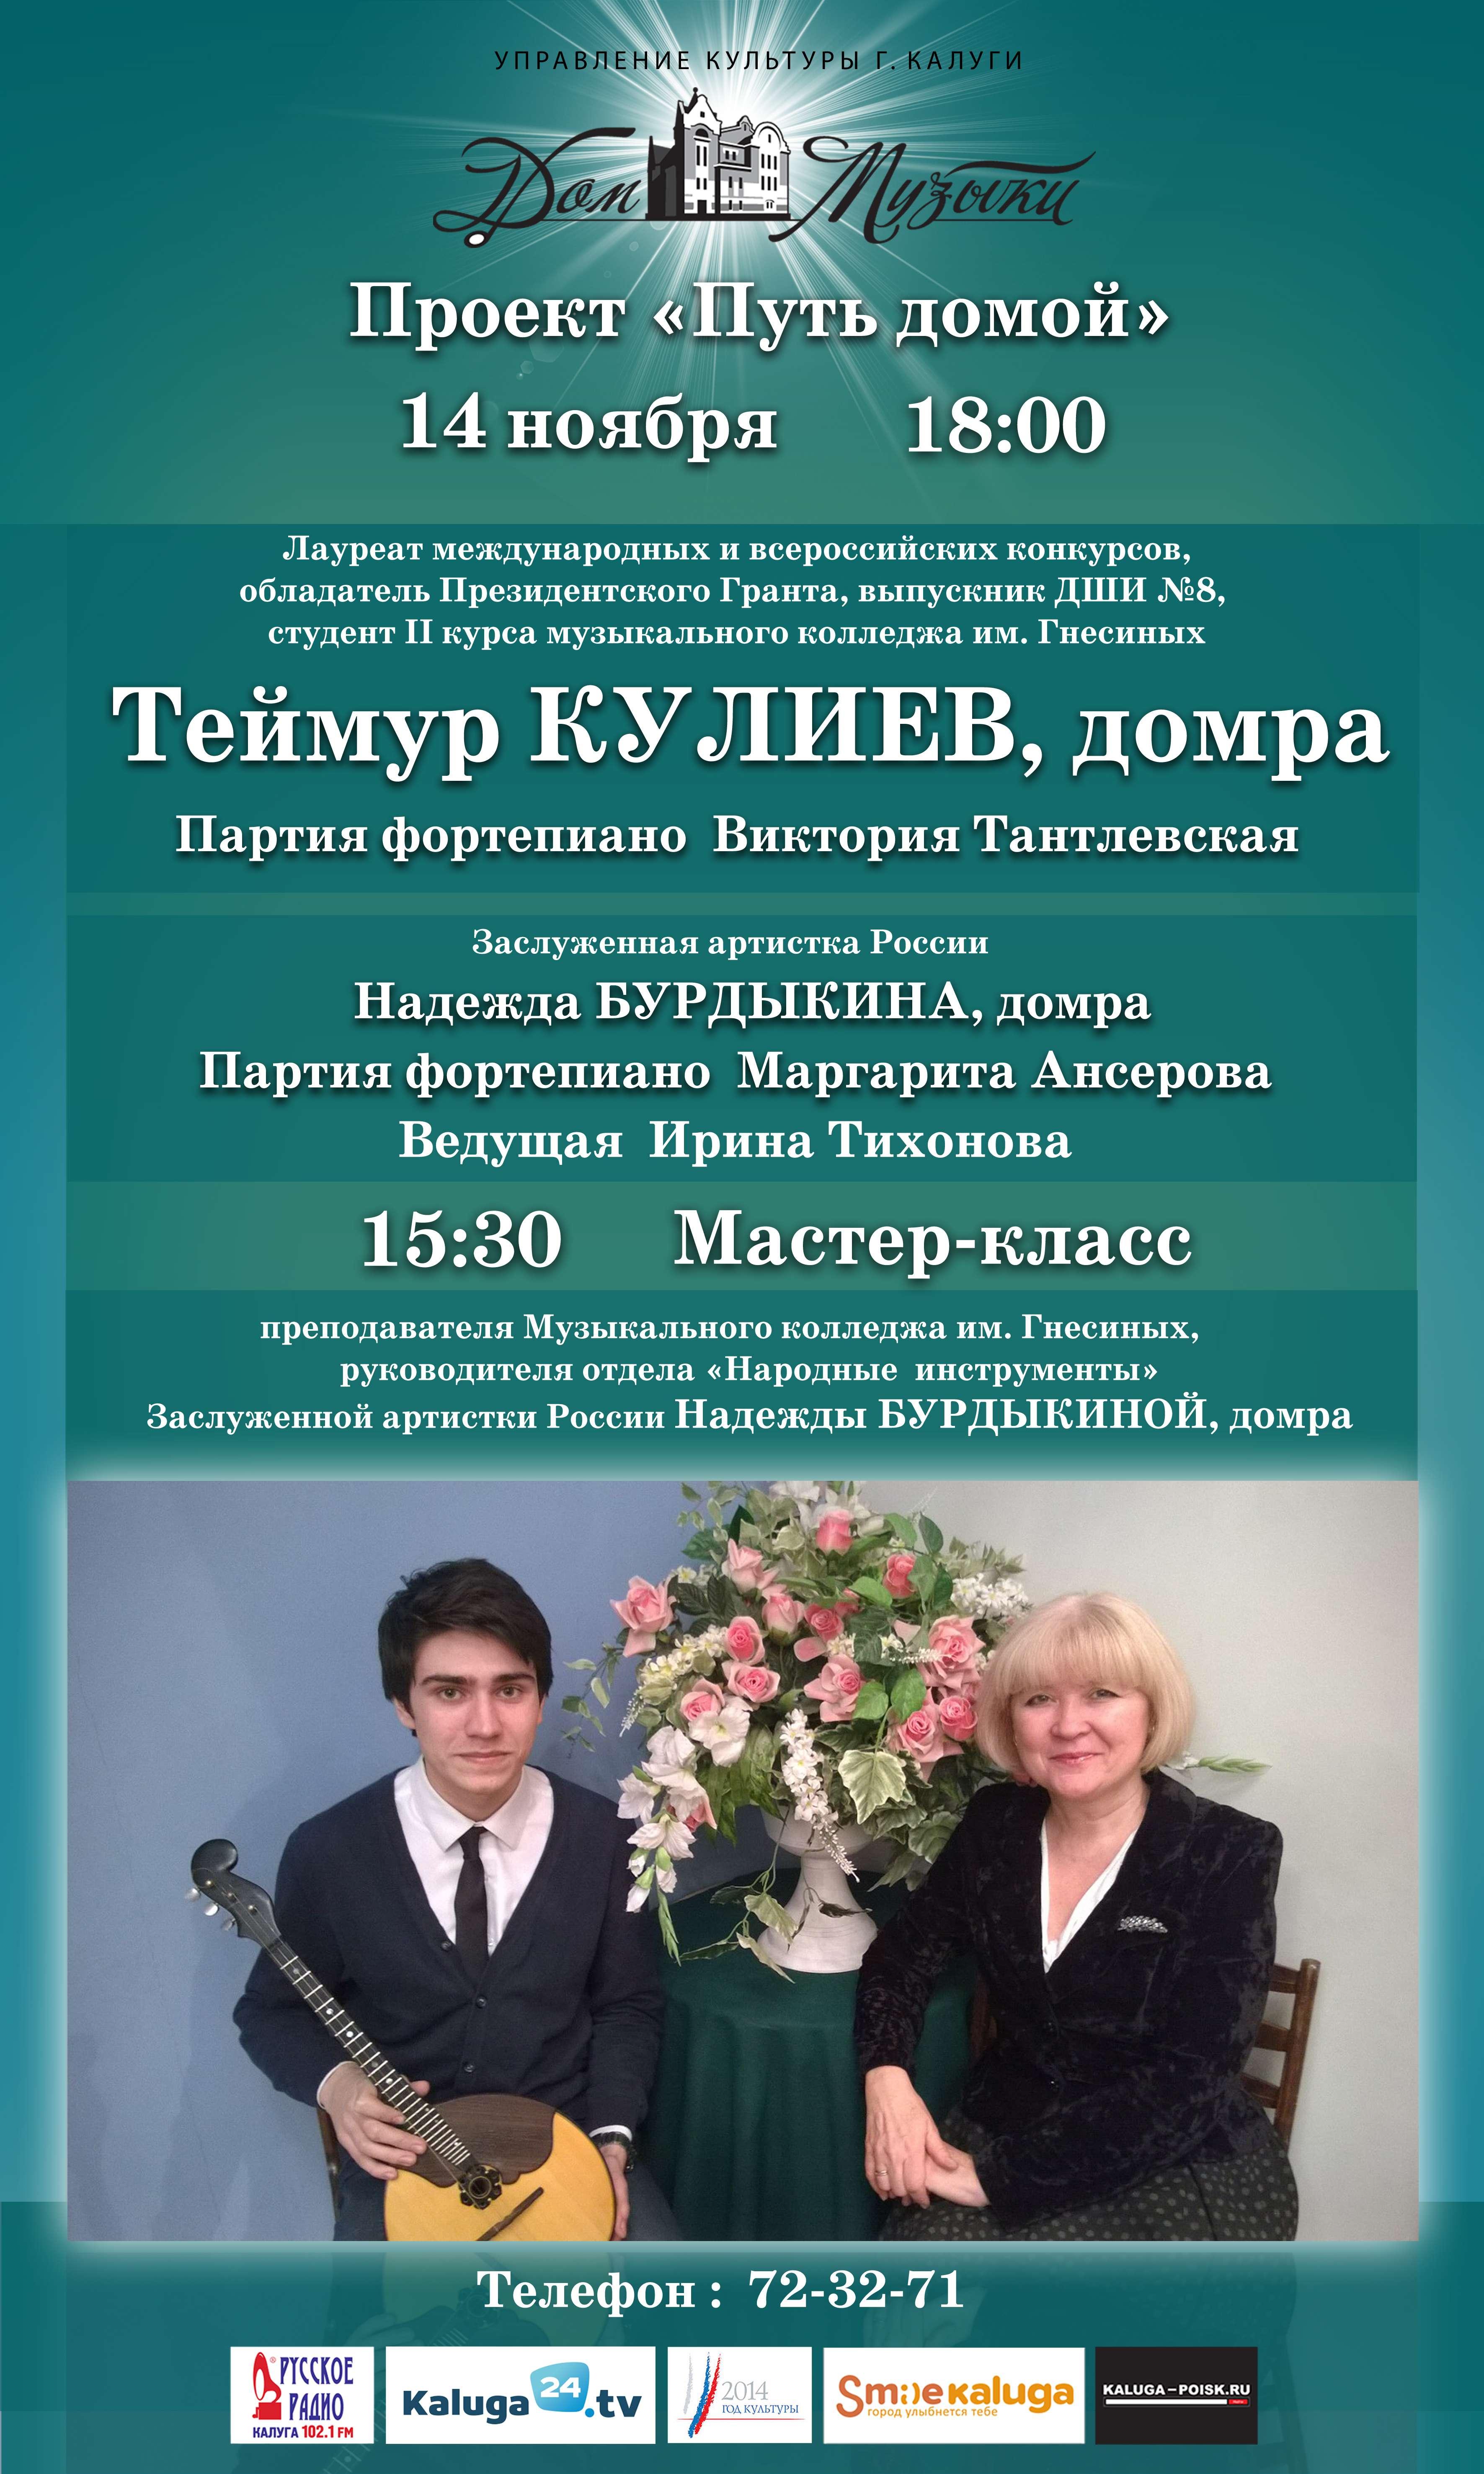 Проект «Путь домой». Теймур Кулиев (домра) в Калужском Доме музыки